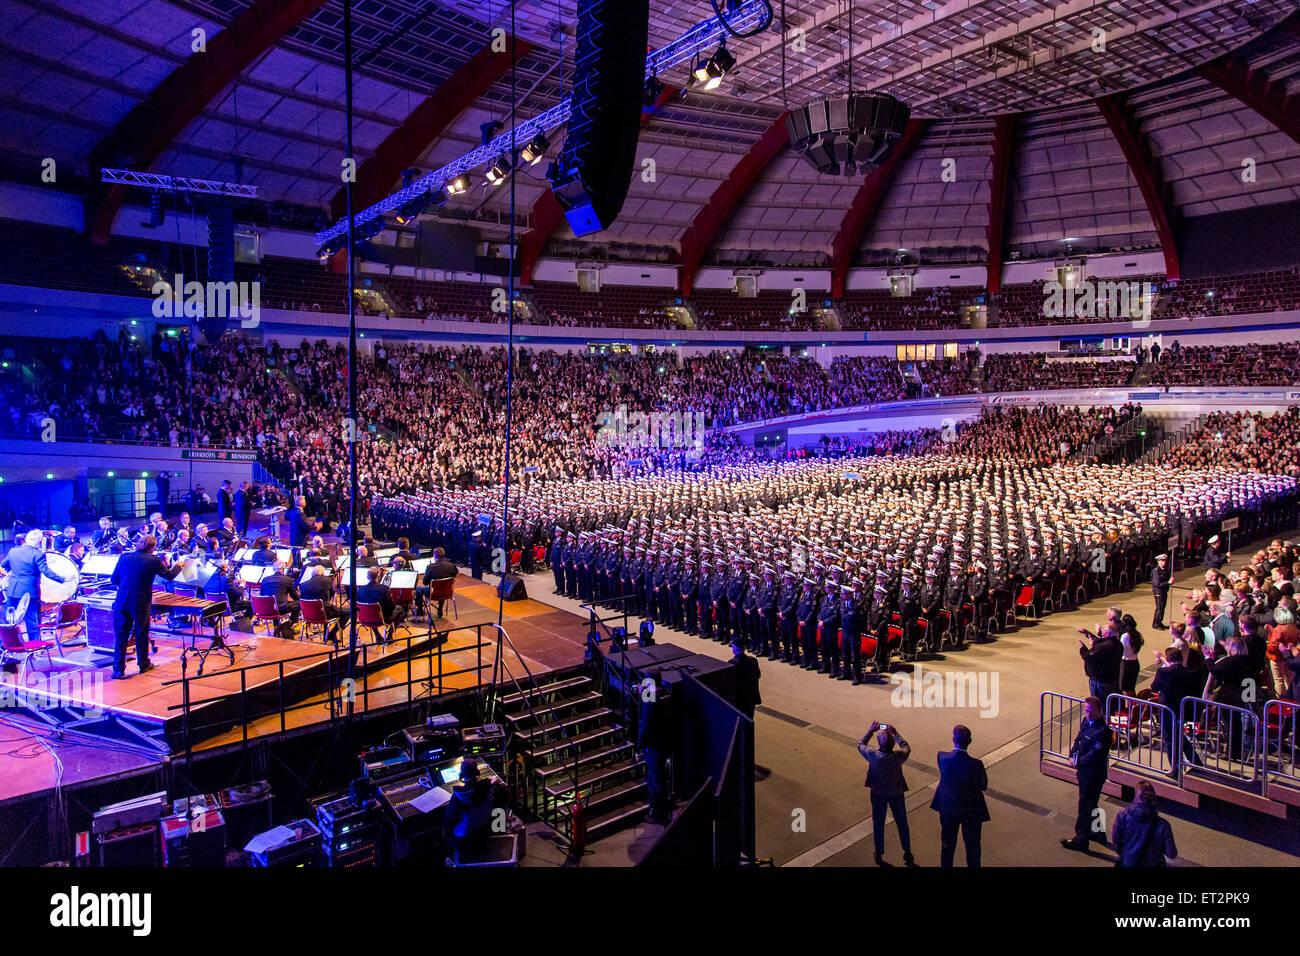 Vereidigung von 1500 neue Polizisten in die in Dortmund, waren über 6000 Familie Mitglieder und Freunde die Zeremonie Stockfoto